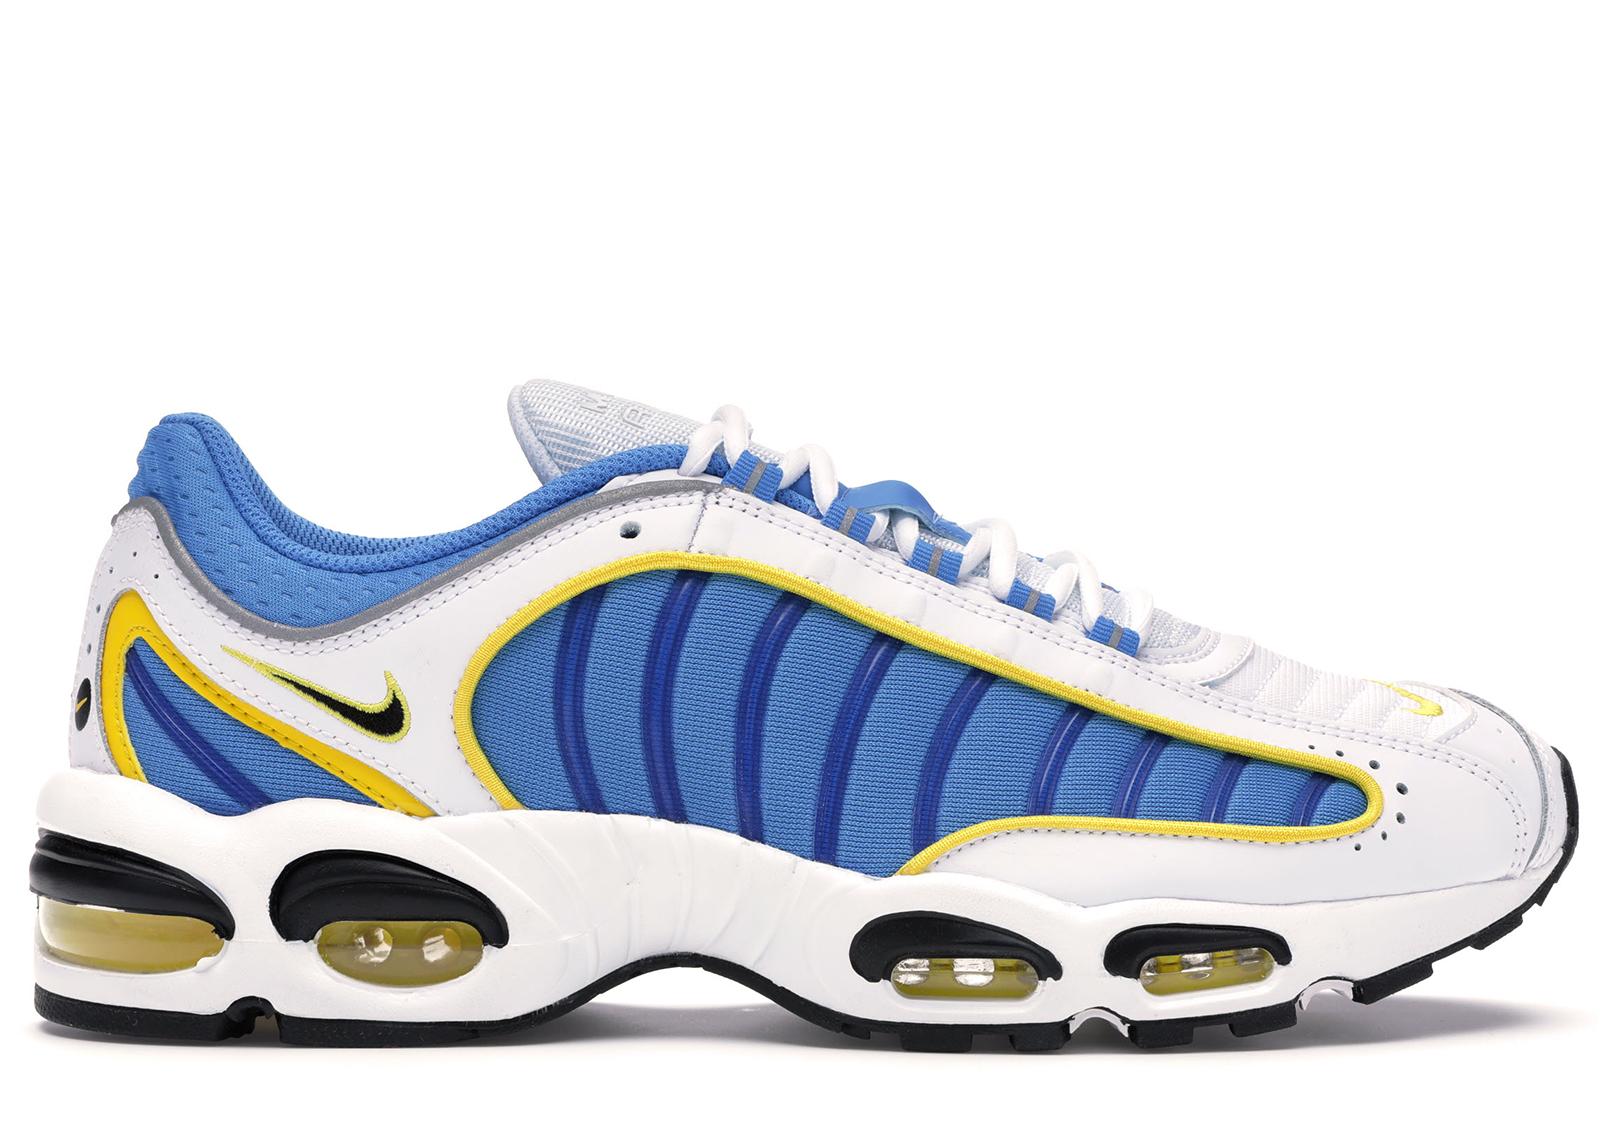 Nike Air Max Tailwind 4 White Blue